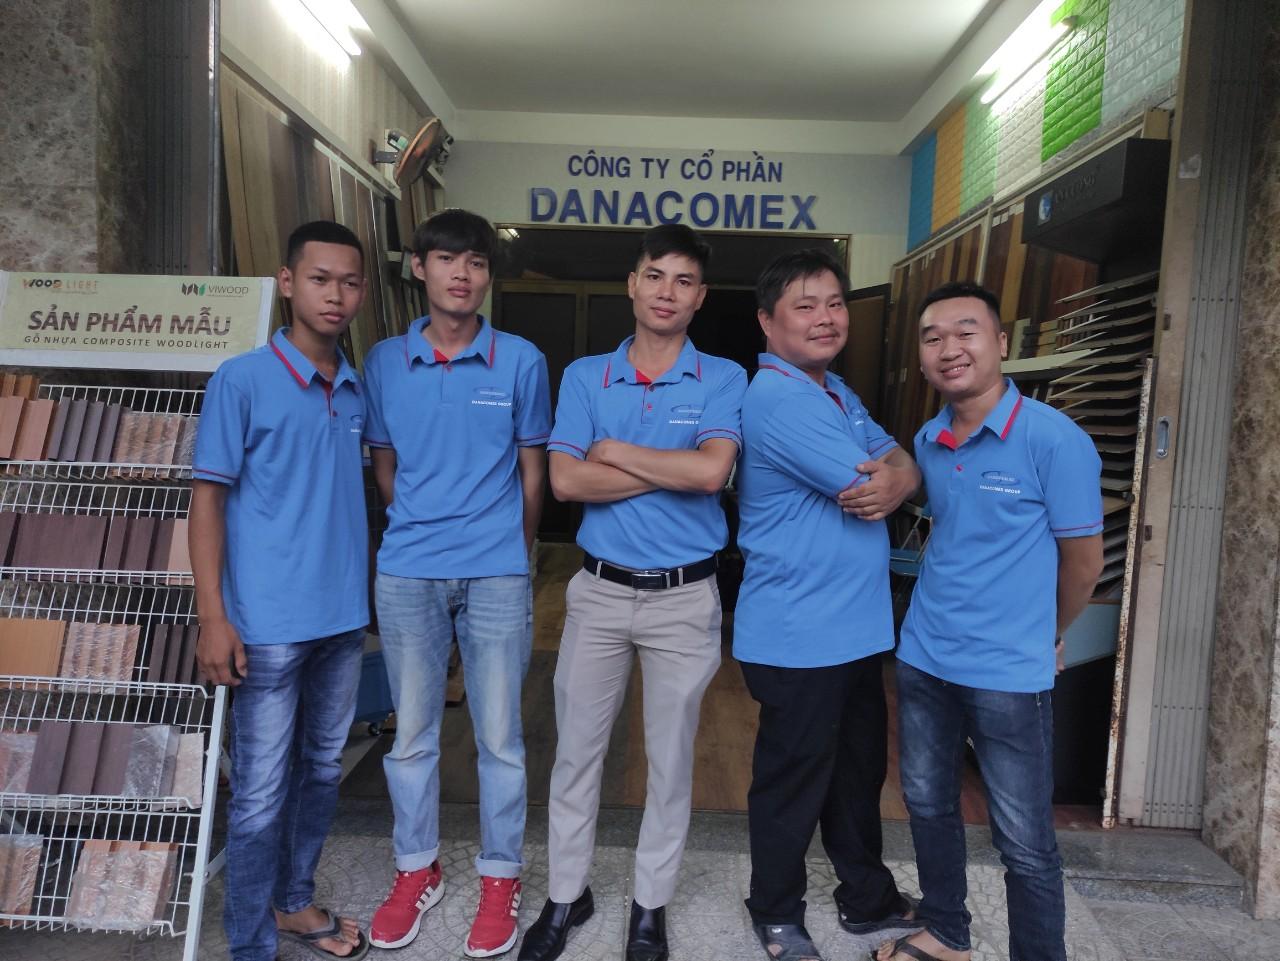 CÔNG TY CỔ PHẦN DANACOMEX